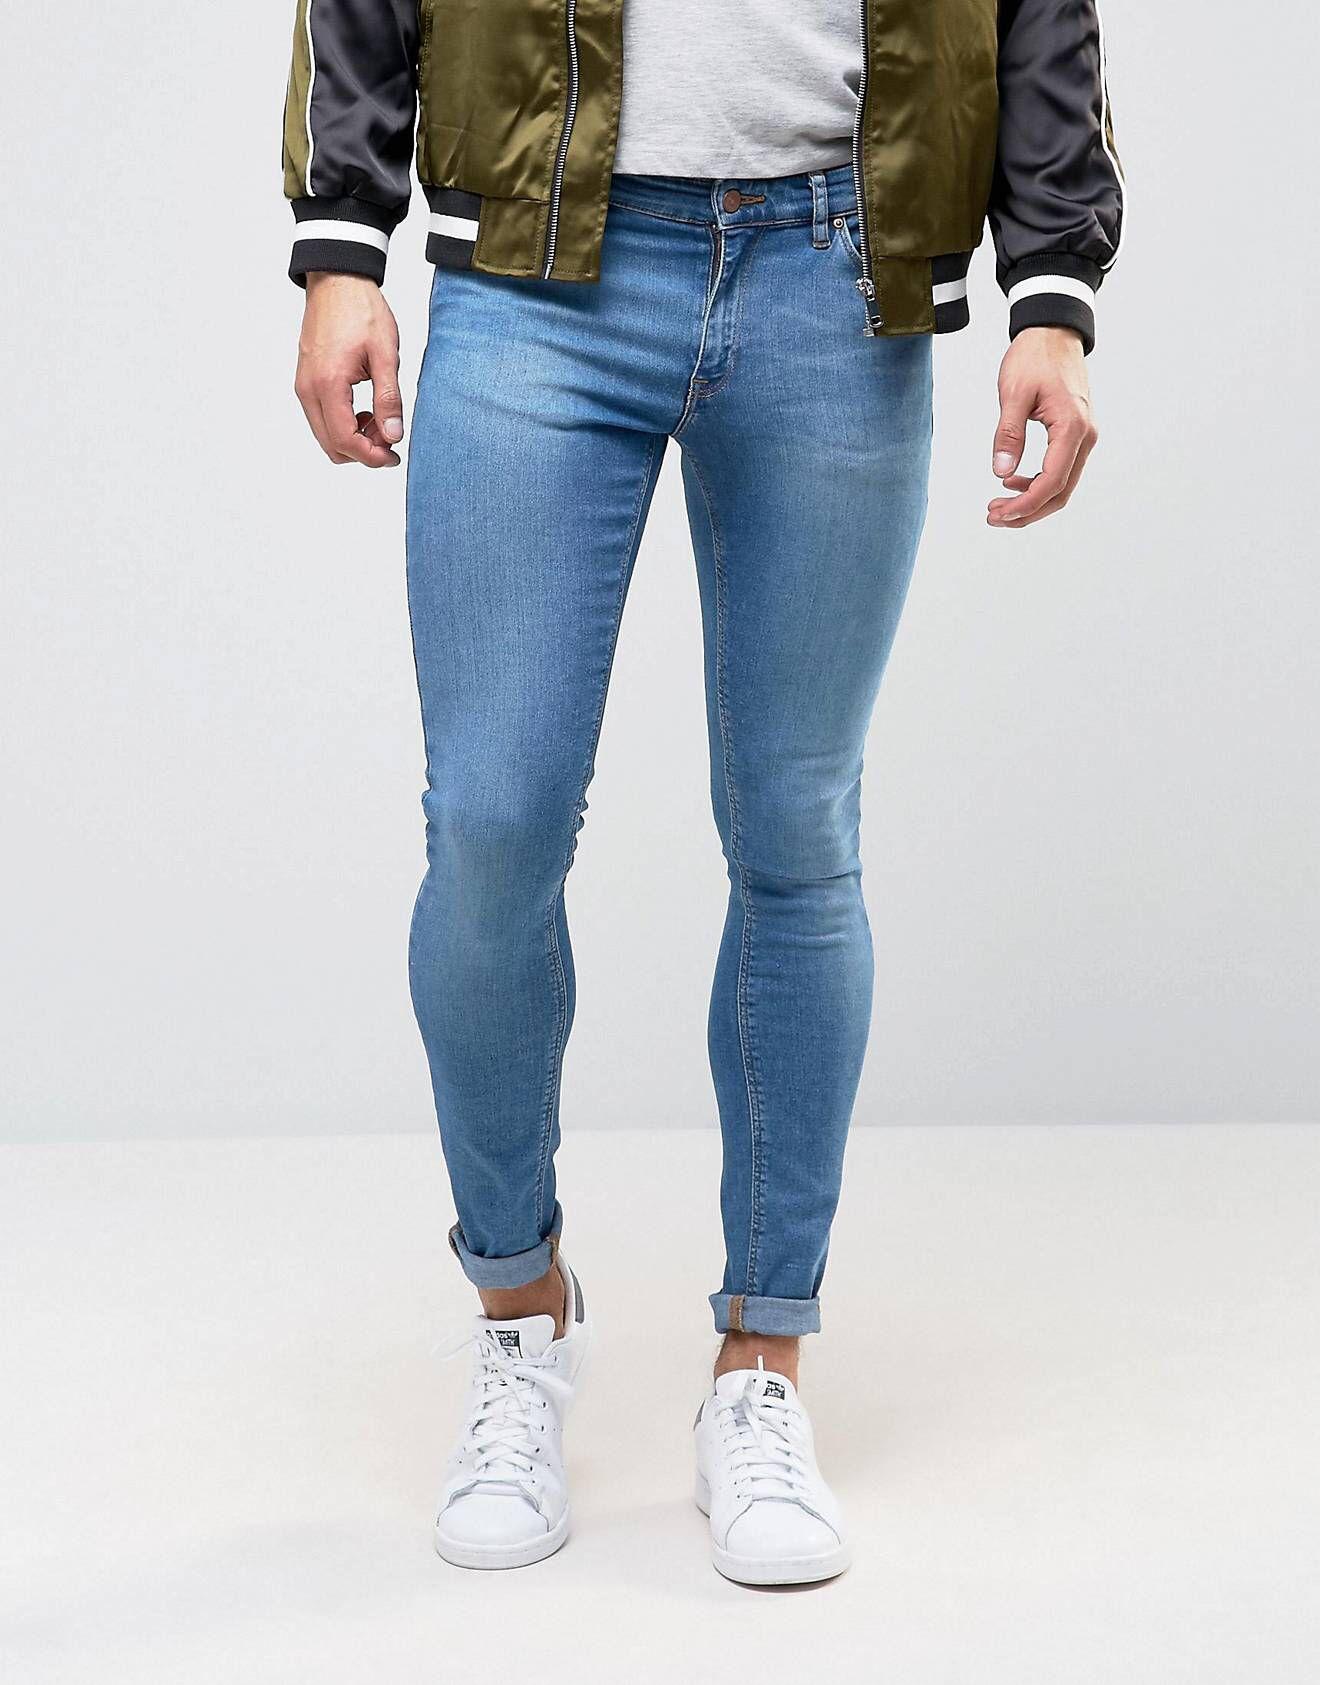 bester Verkauf ungeschlagen x Outlet zu verkaufen DESIGN – Extrem enge Jeans in Mittelblau | Skinny & Tight ...